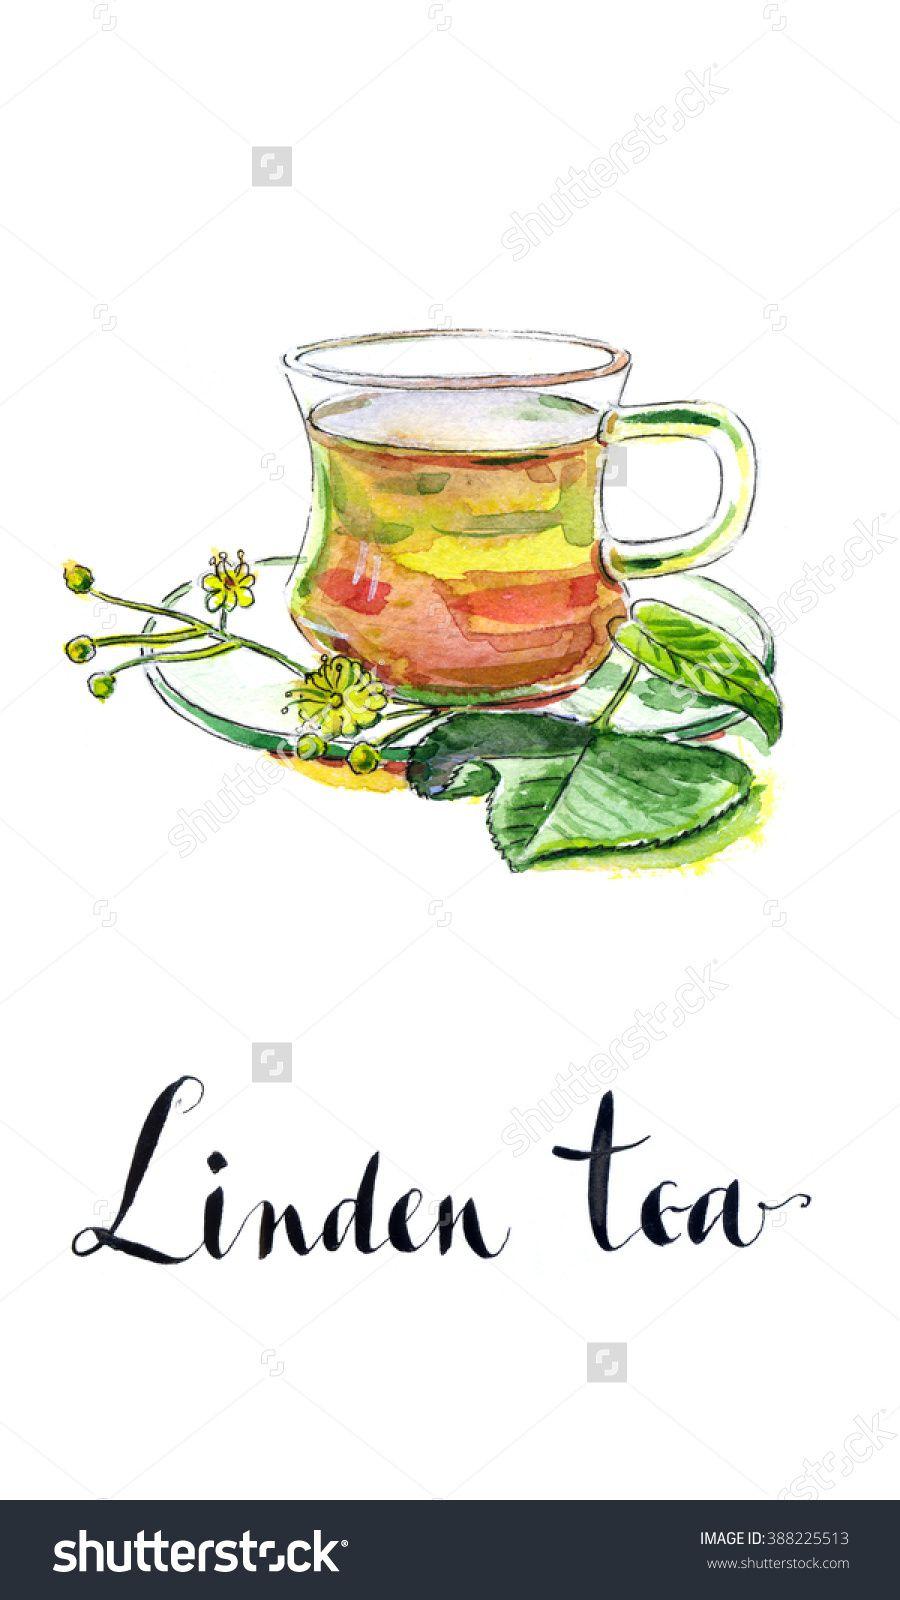 一杯健康林登茶和鲜花 手绘 水彩插图 食品及饮料 自然 海洛